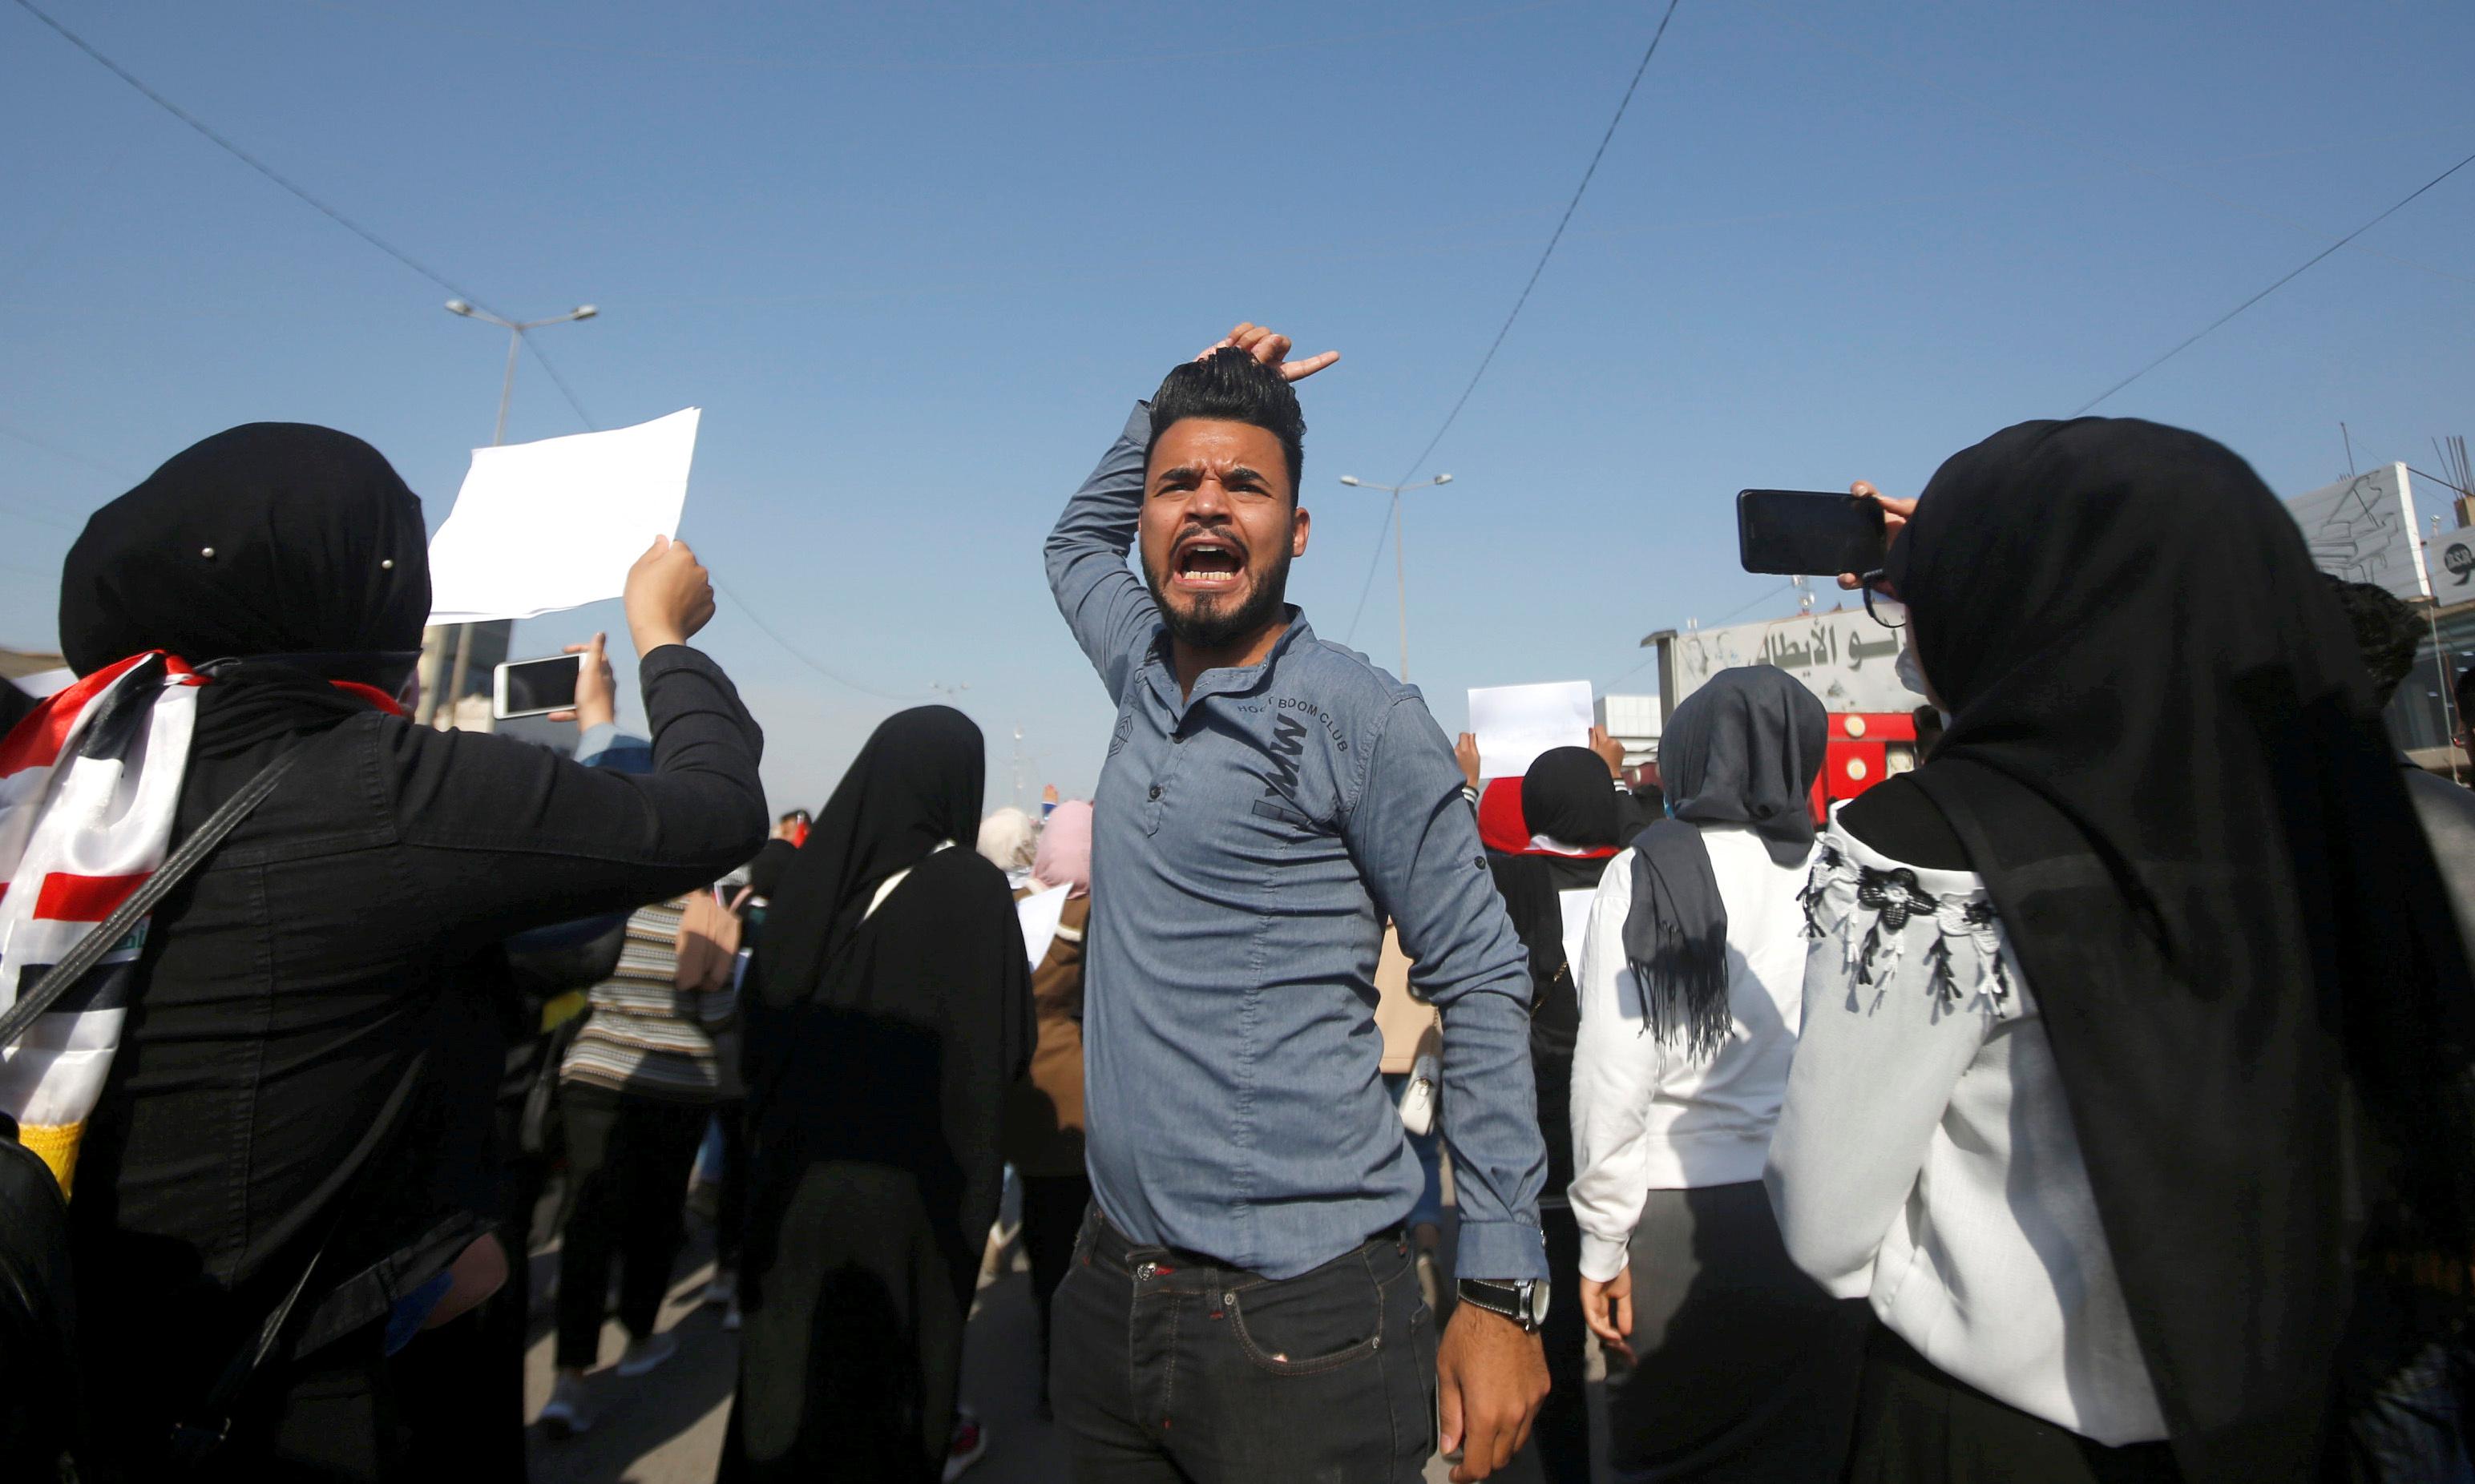 Ιράν: Λάθος συναγερμός για επίθεση στην πρεσβεία μας στην Βαγδάτη!